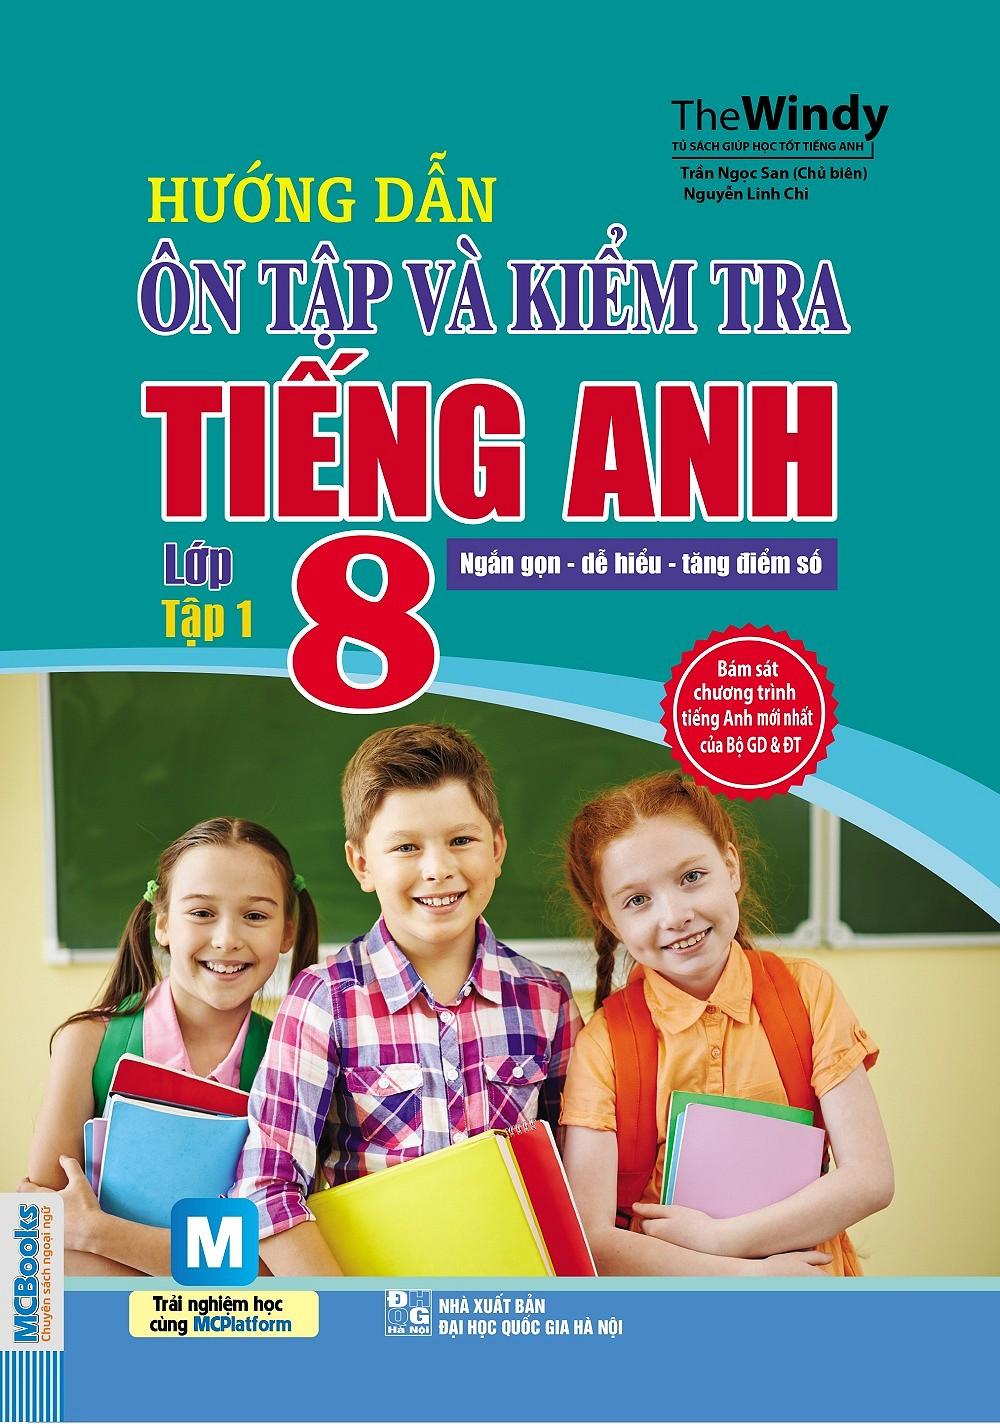 bia_huong-dan-on-tap-va-kiem-tra-tieng-anh-lop-8-tap-1.u547.d20170215.t132138.213884.jpg